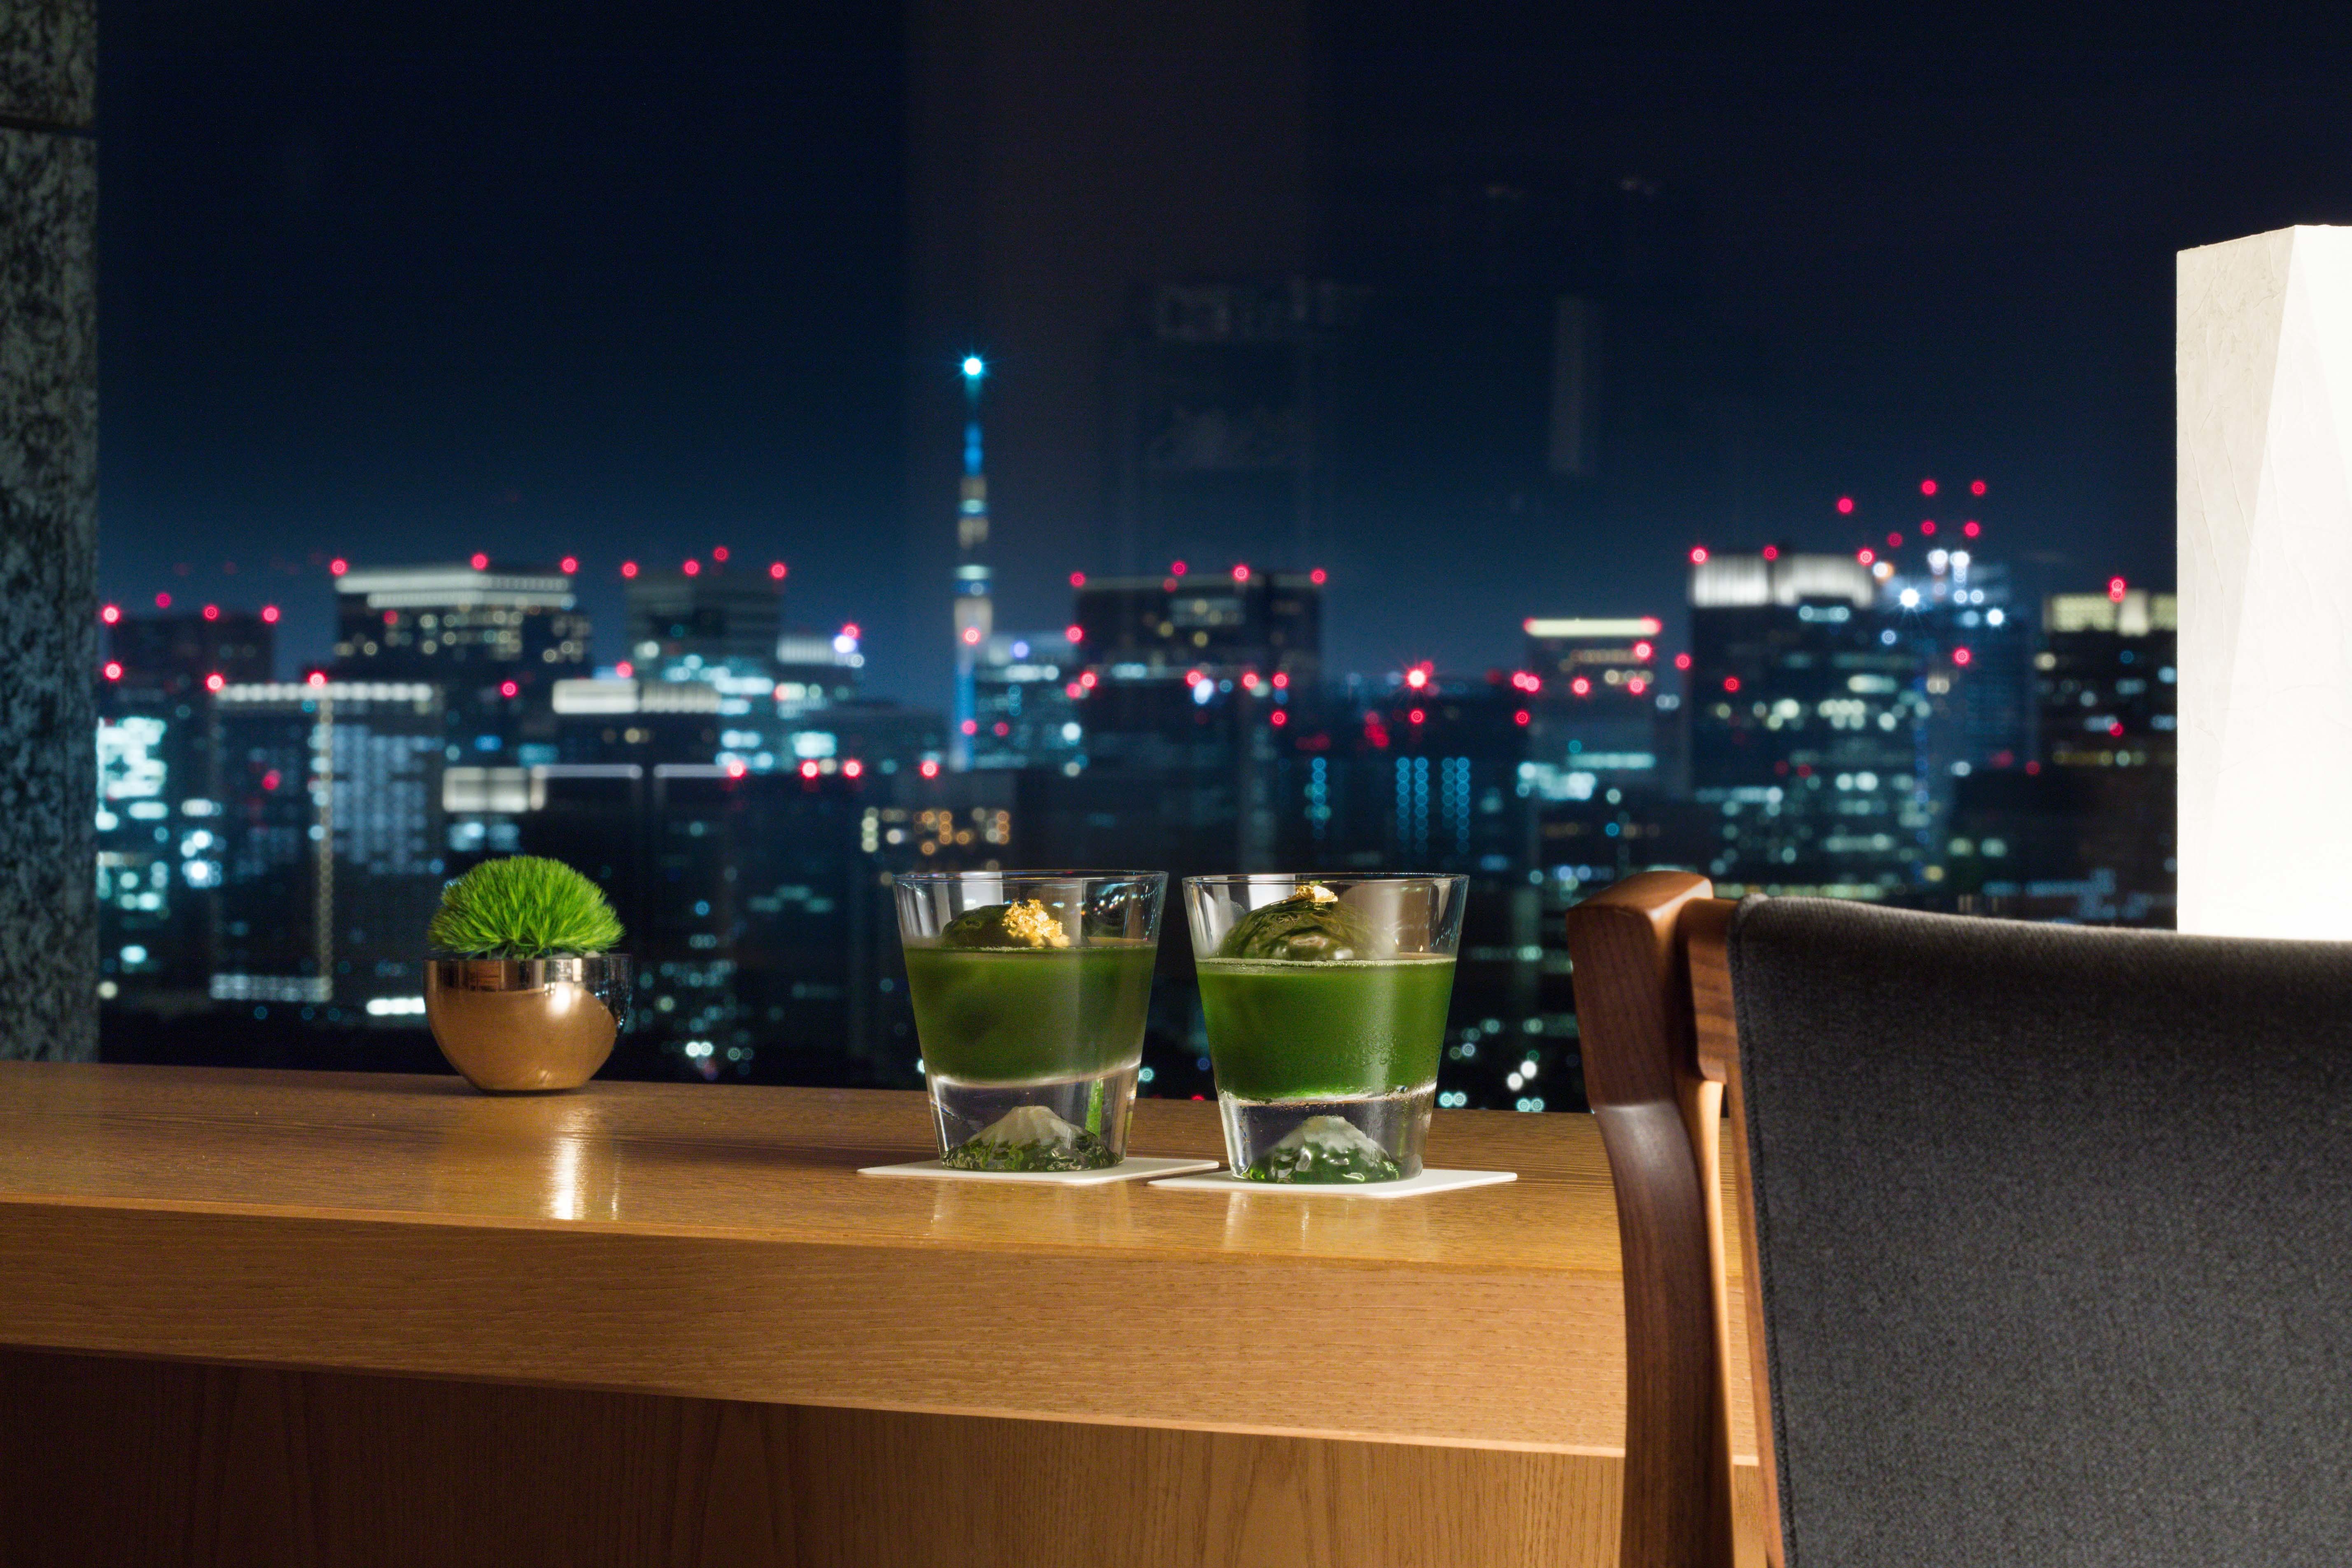 ザ・キャピトルホテル東急 SaRyoh